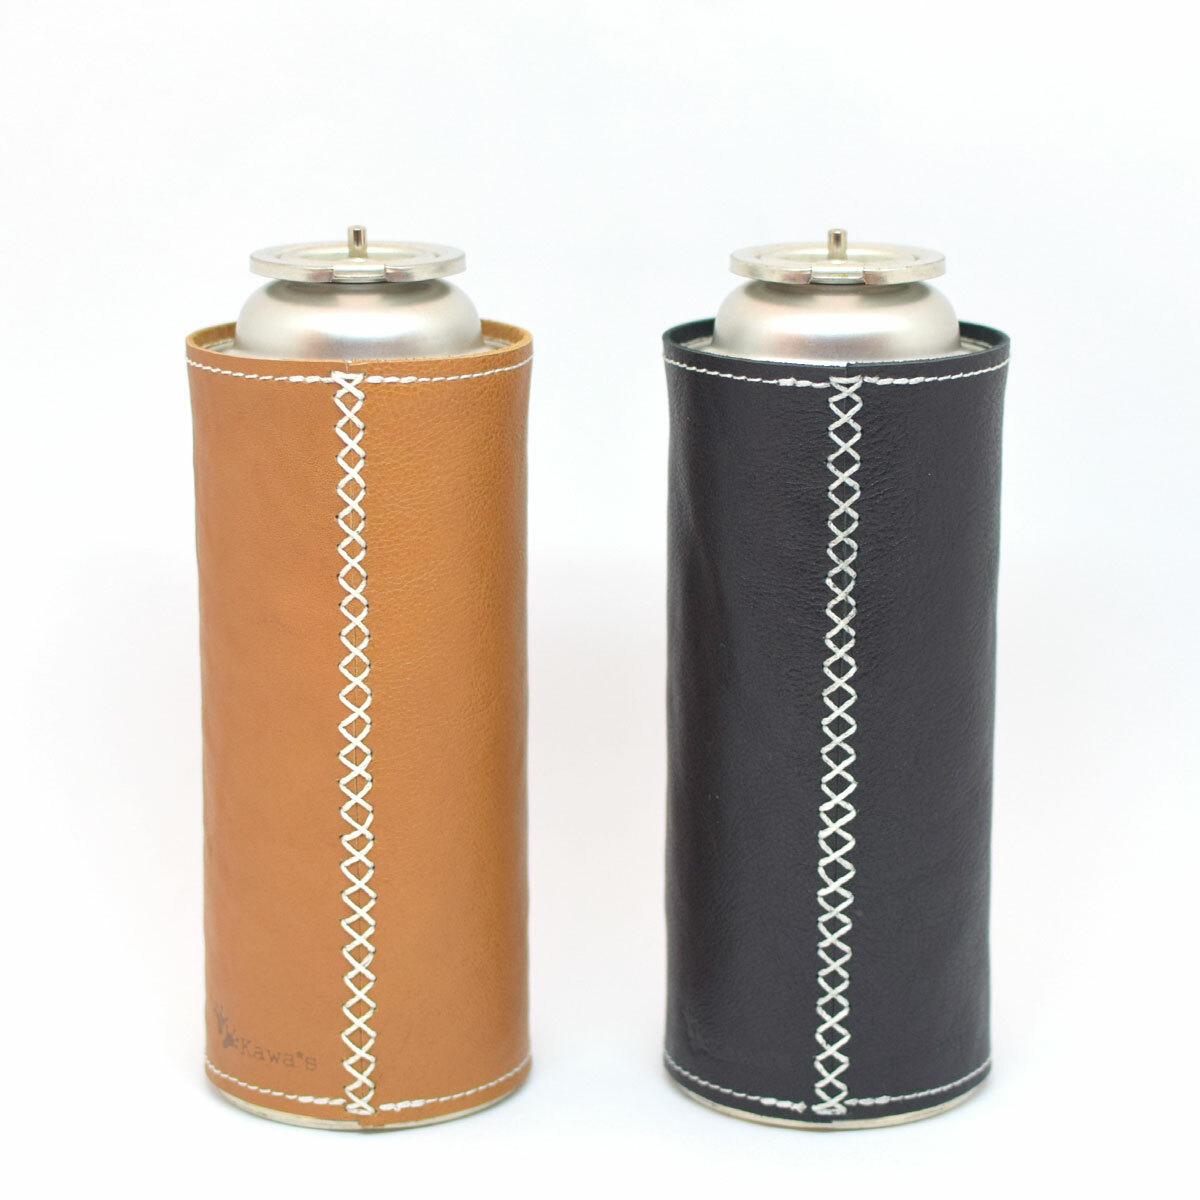 Kawa's CB缶カバー